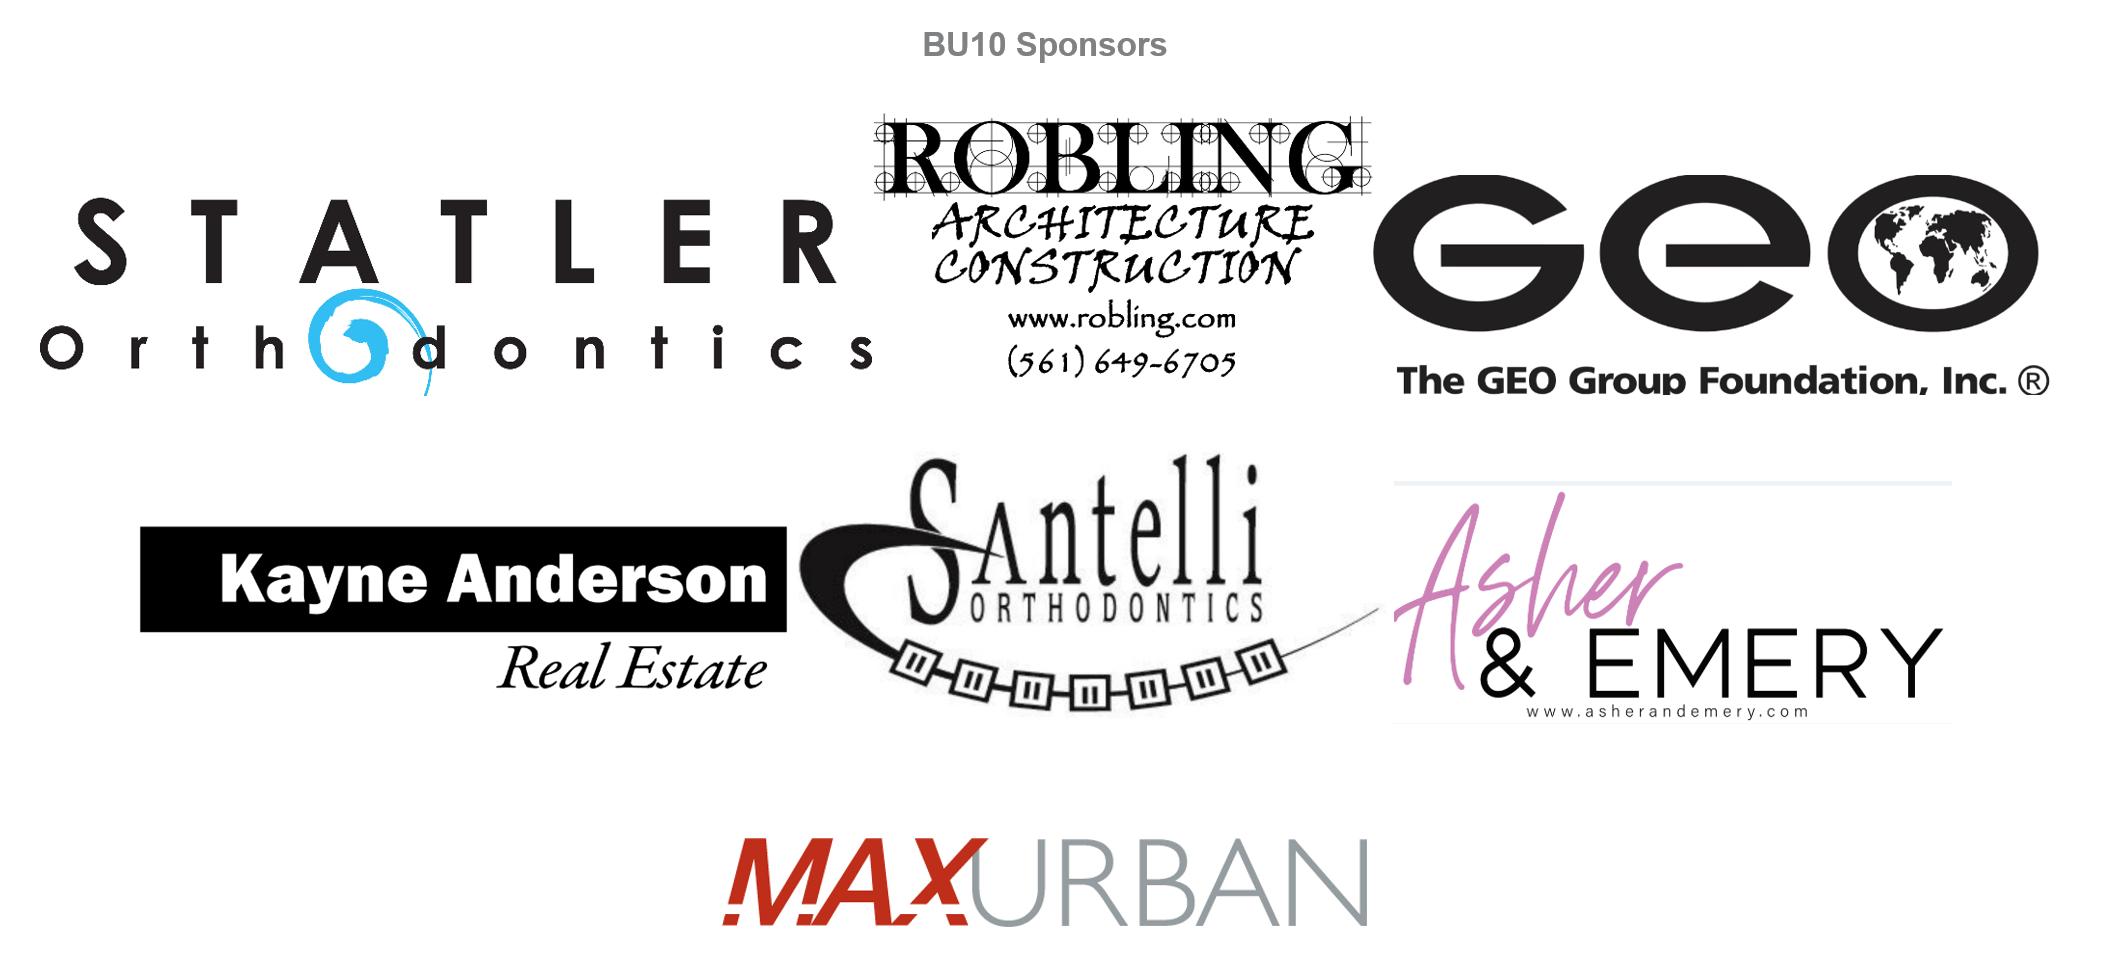 BU10_Sponsors